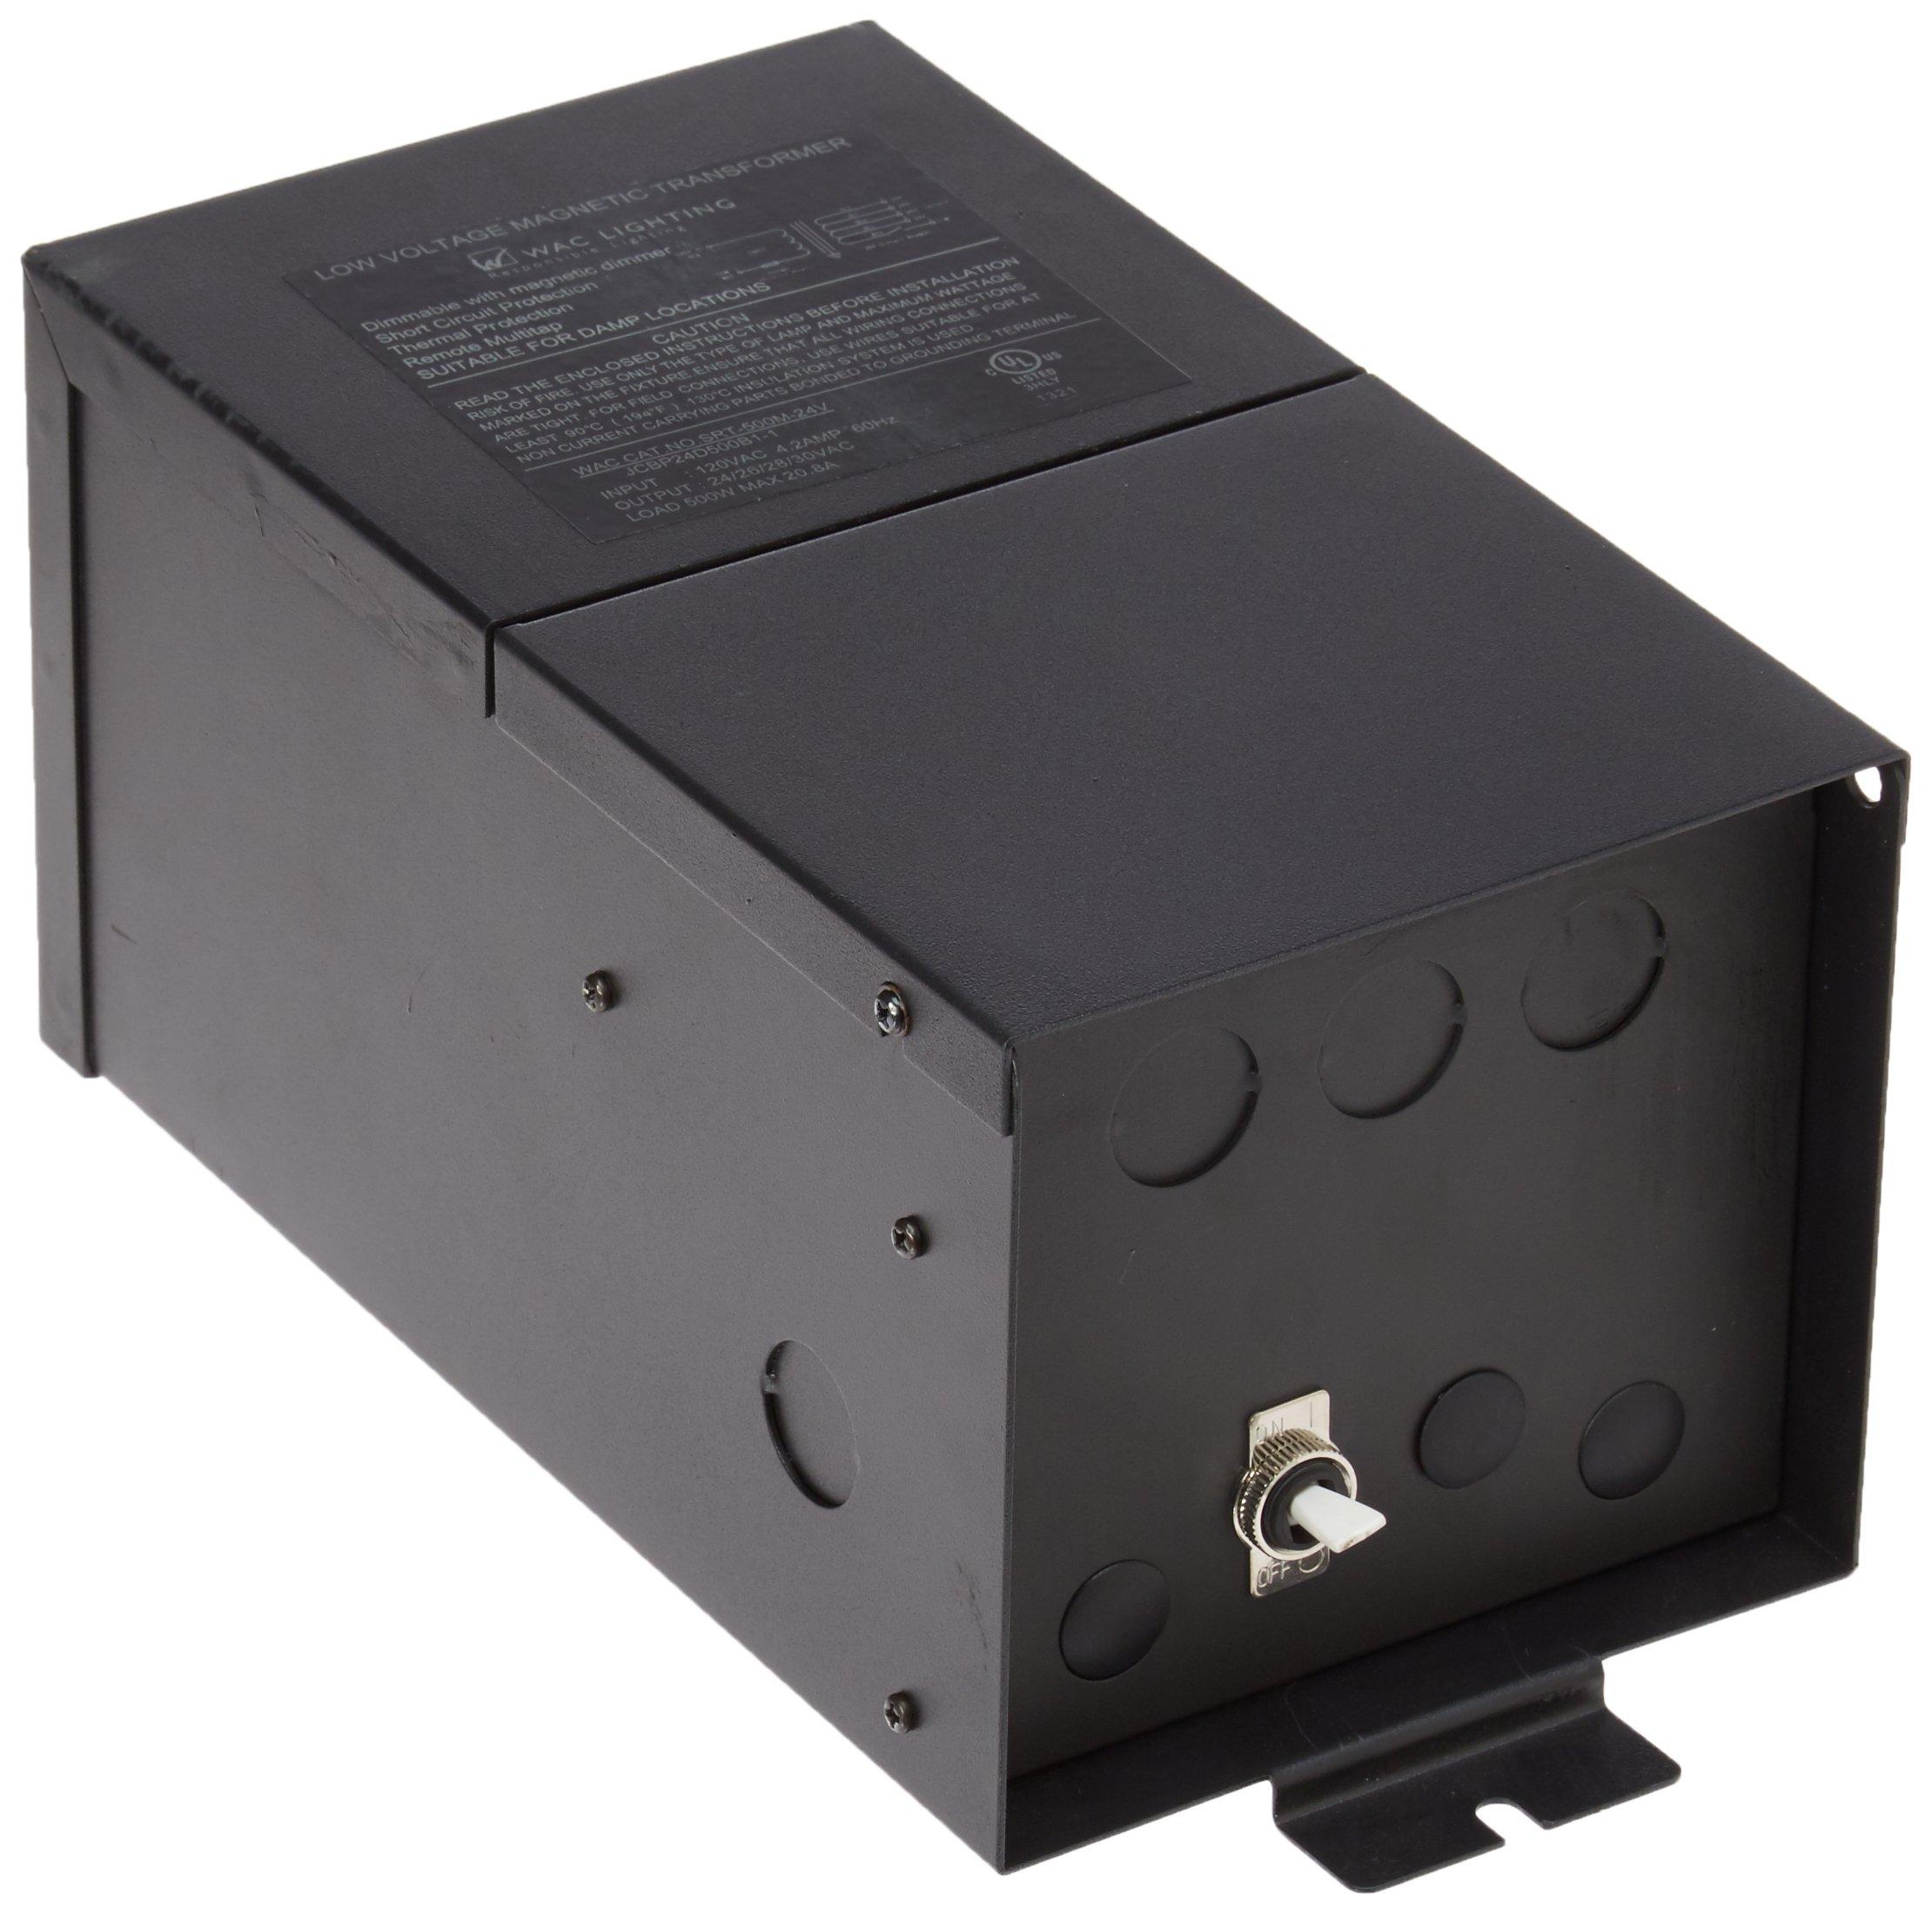 WAC Lighting SRT-500M-24V Remote Magnetic Transformer, 24V